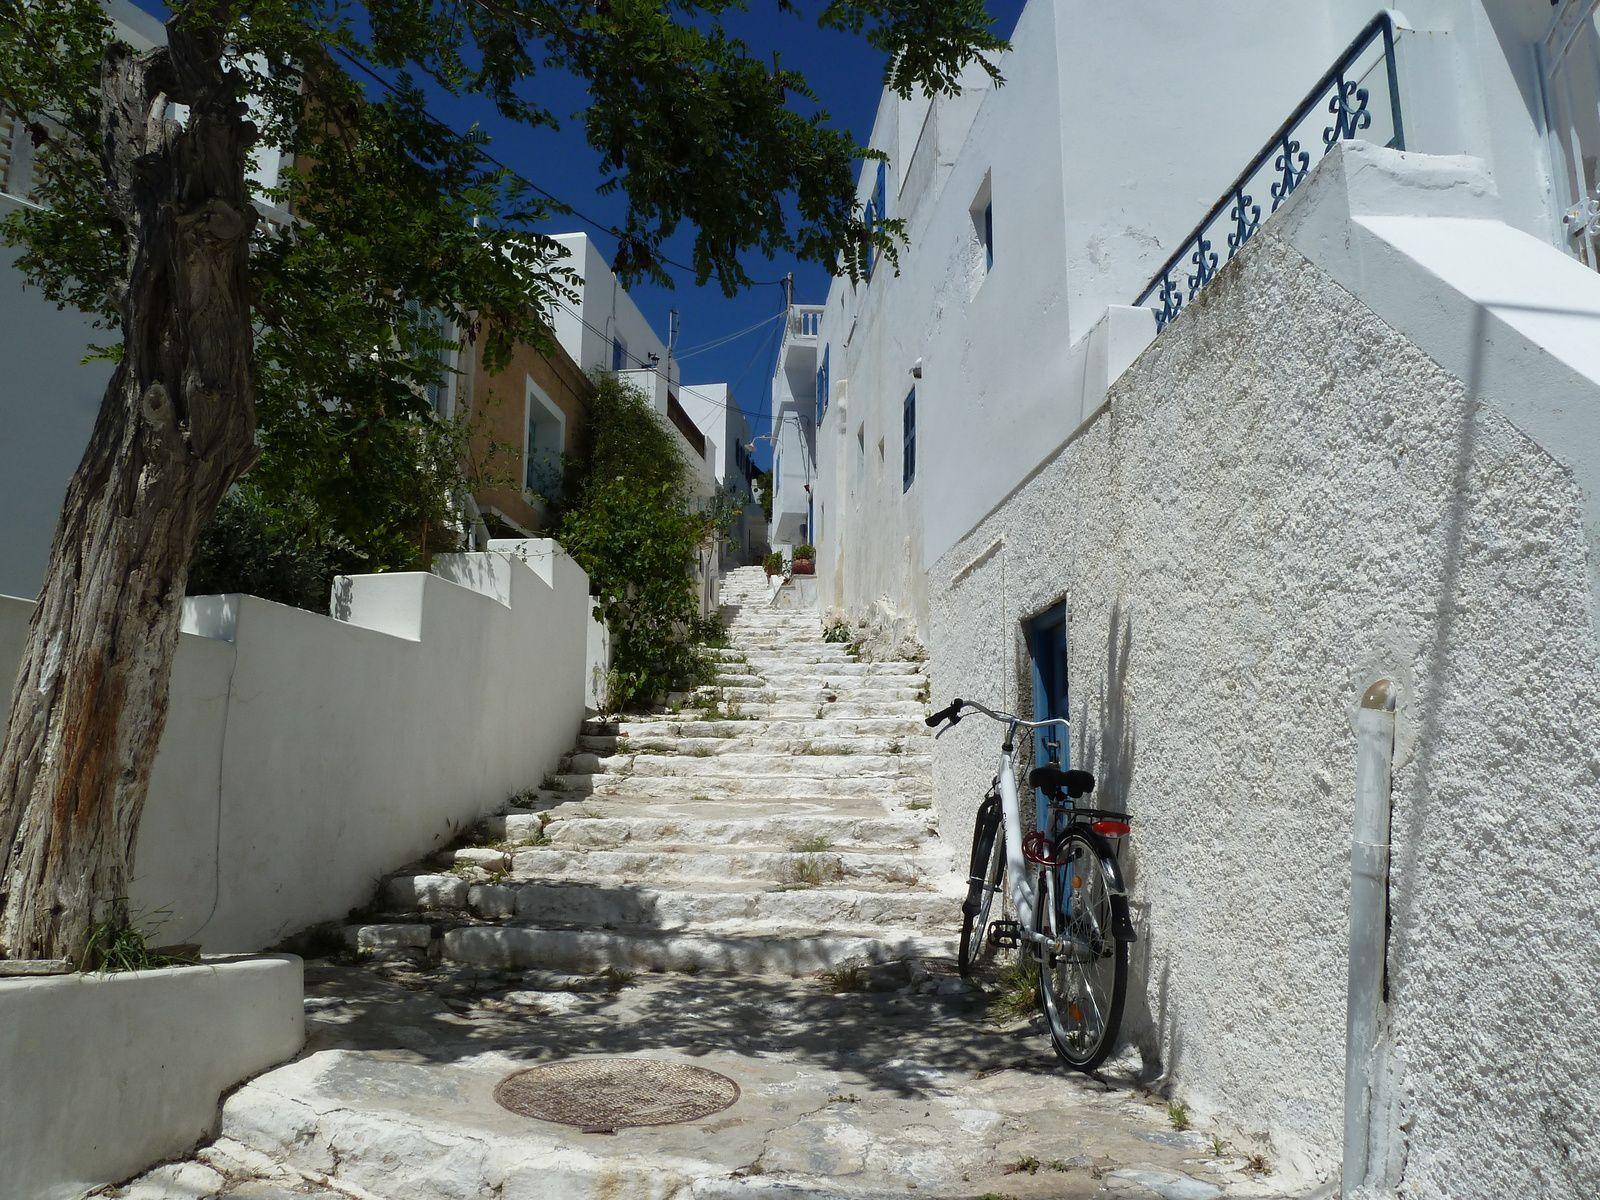 Après le déjeuner, nous prenons le chemin qui borde la mer en traversant le village.